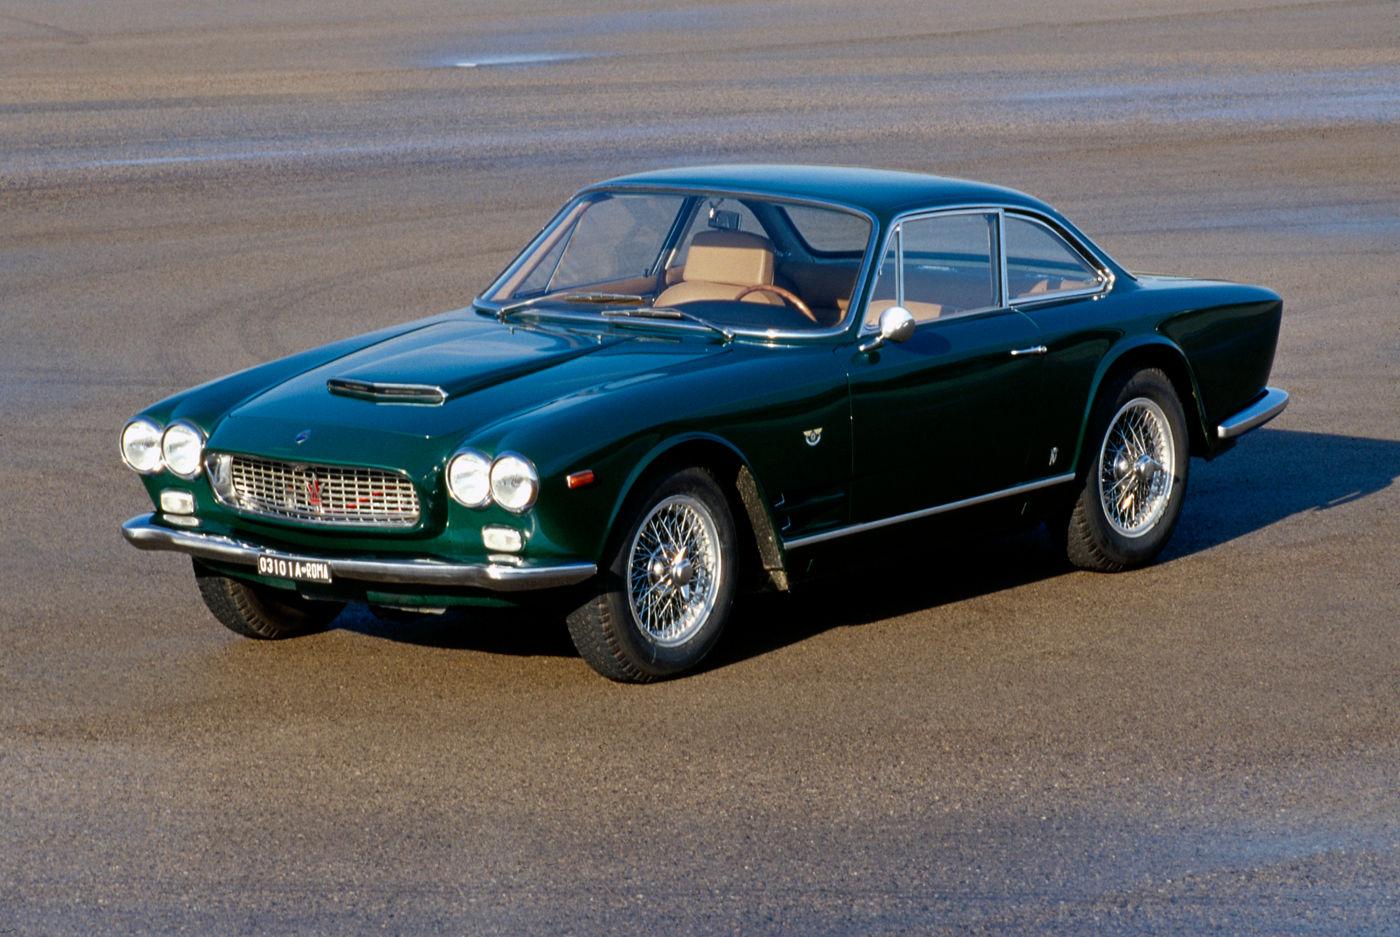 Maserati Classic - GranTurismo Sebring - carrosserie verte - vue latérale